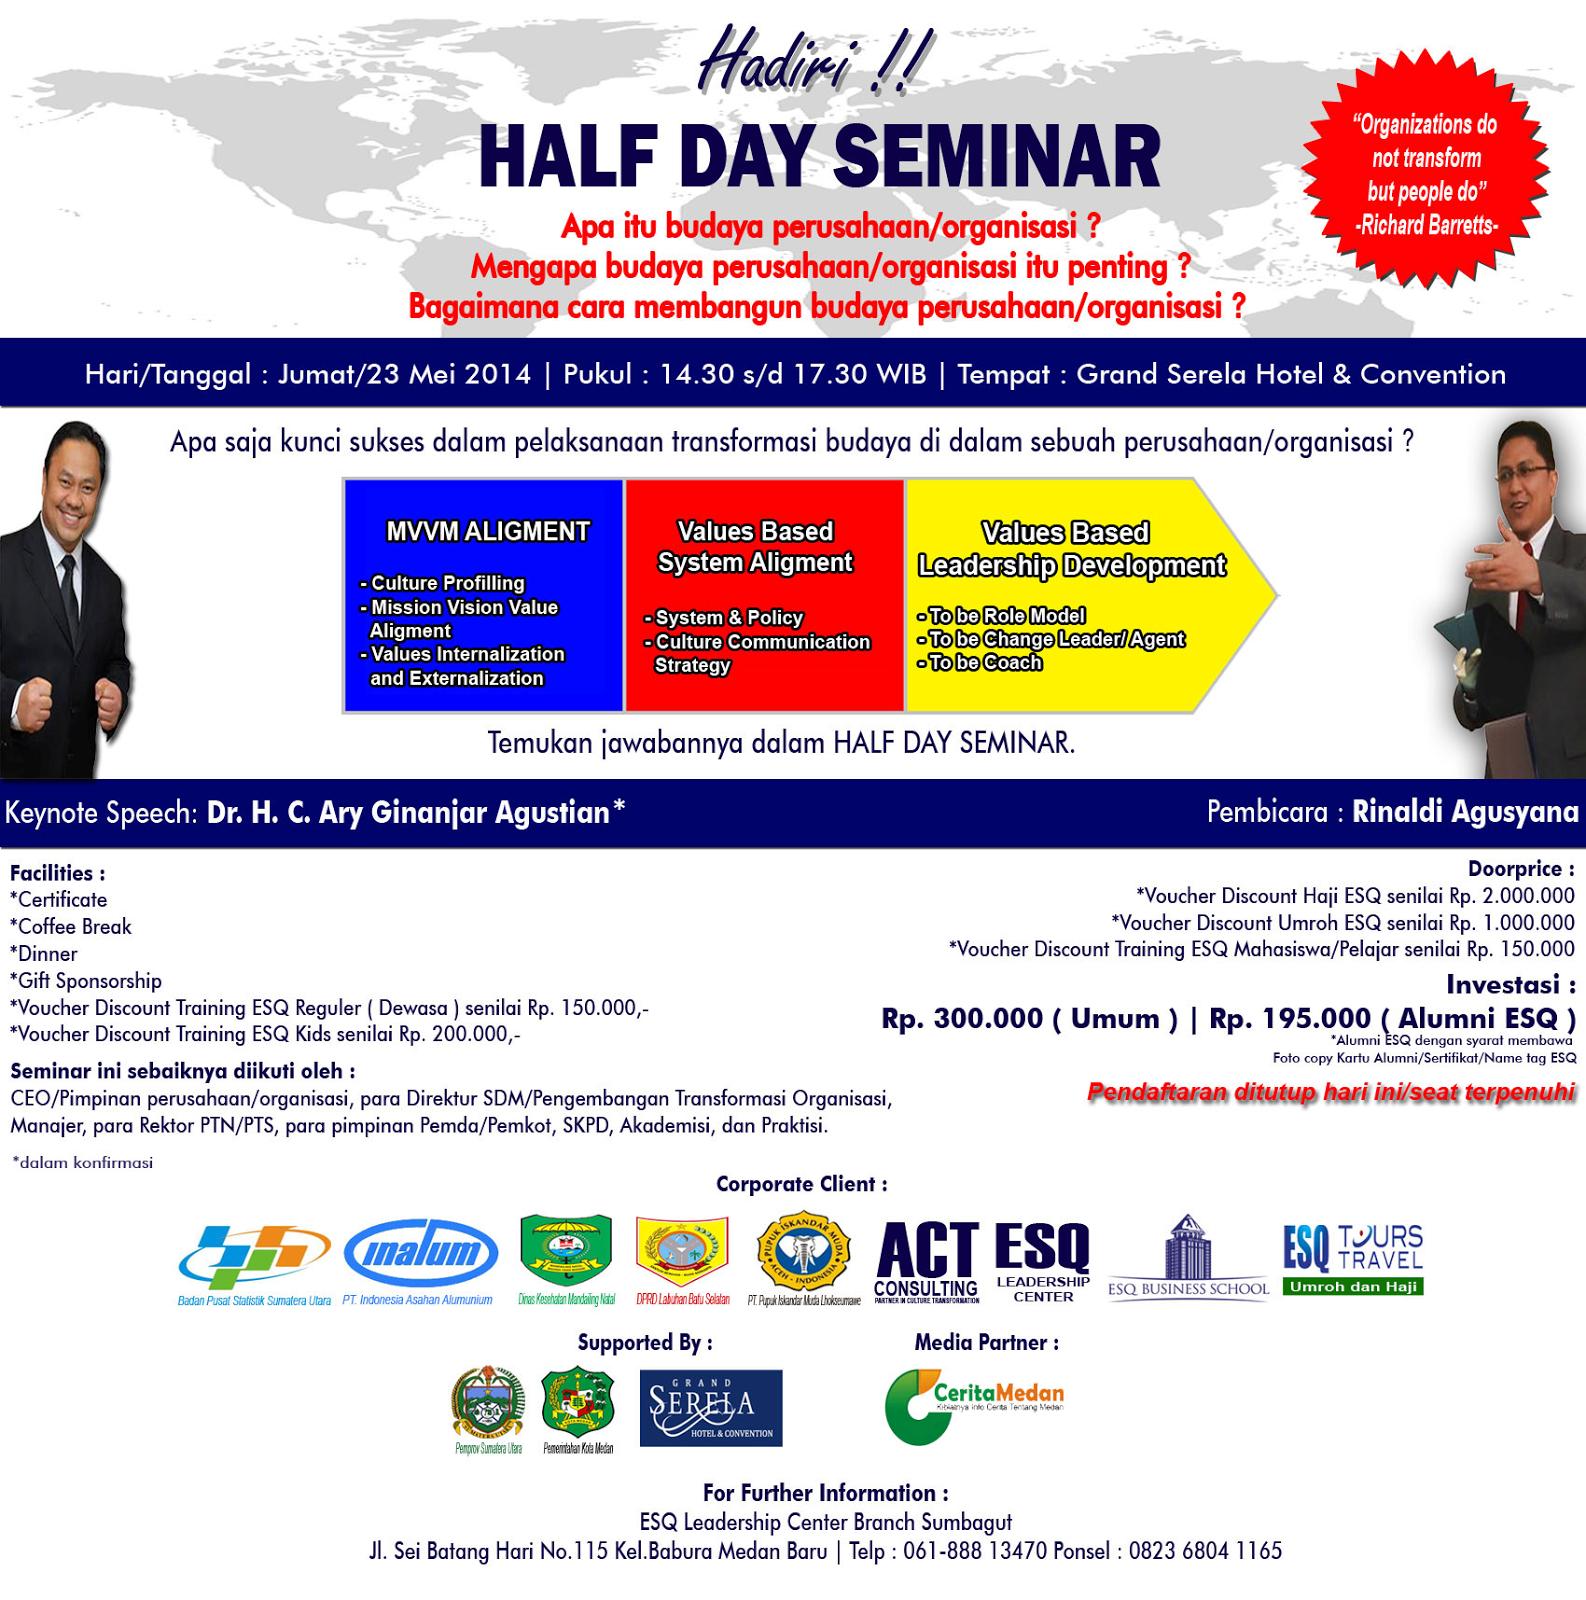 Half Day Seminar